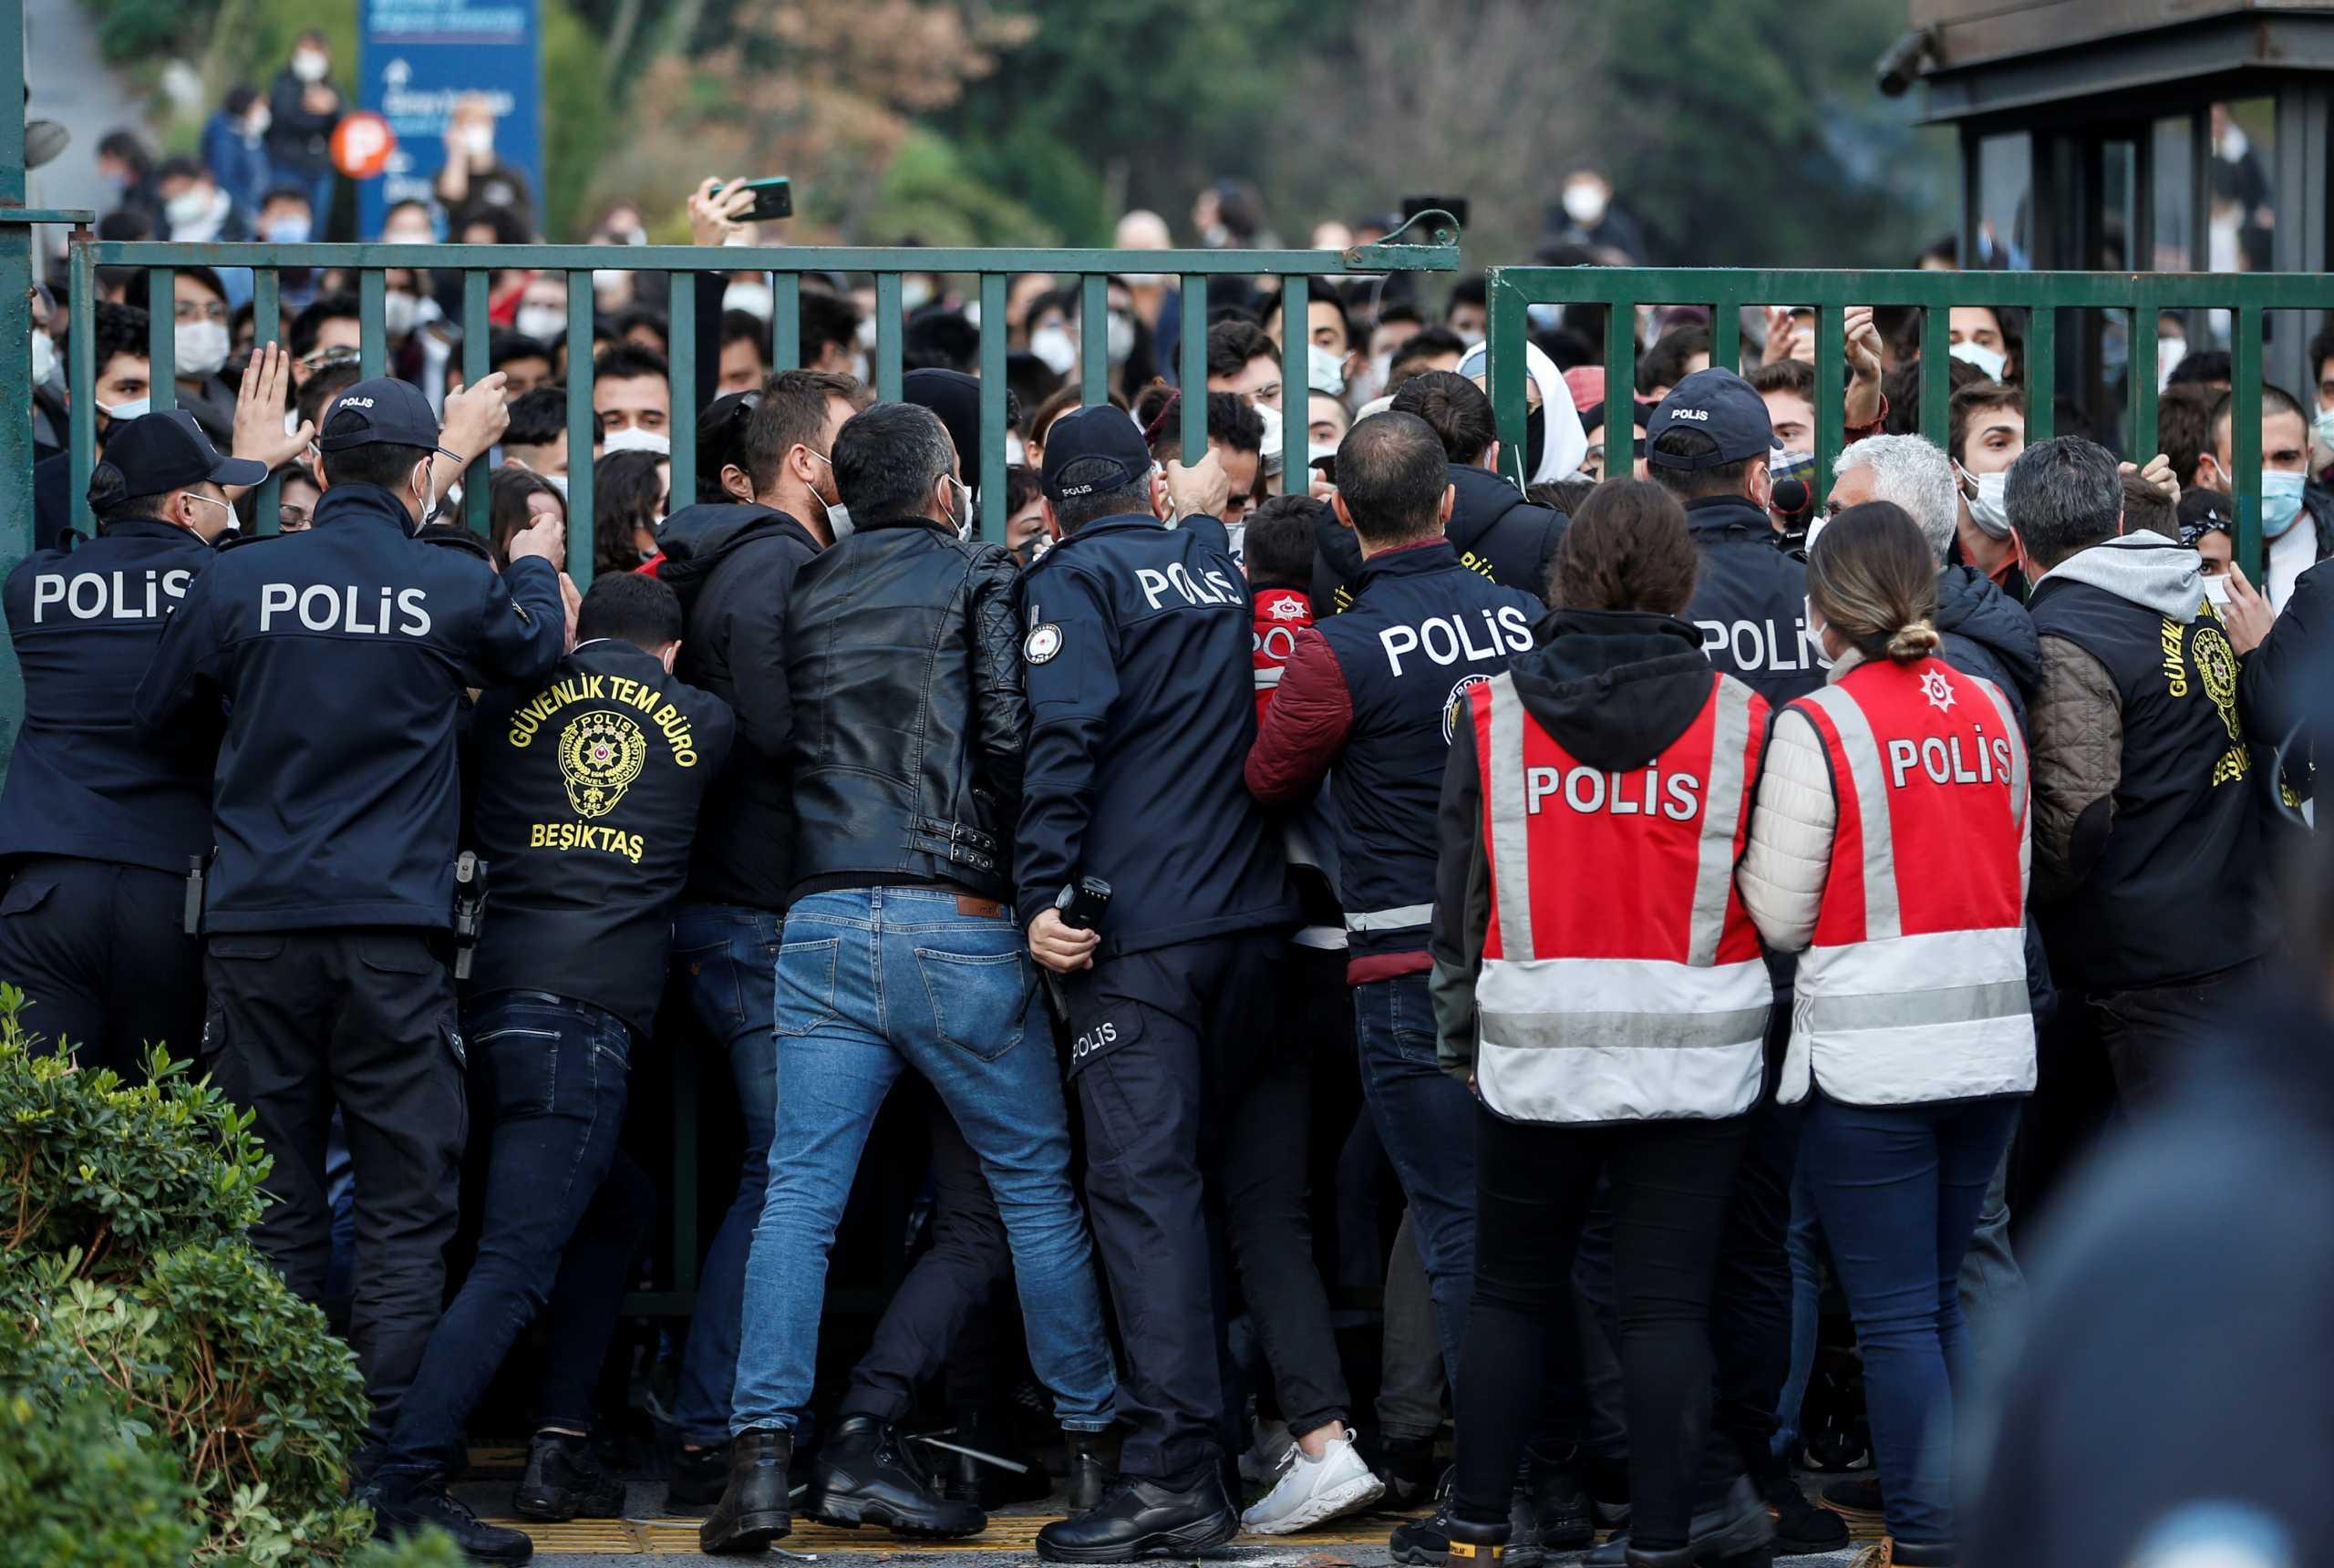 Τουρκία: Άλλες 65 συλλήψεις ανθρώπων που διαδήλωσαν ενάντια στον «φυτευτό» Πρύτανη